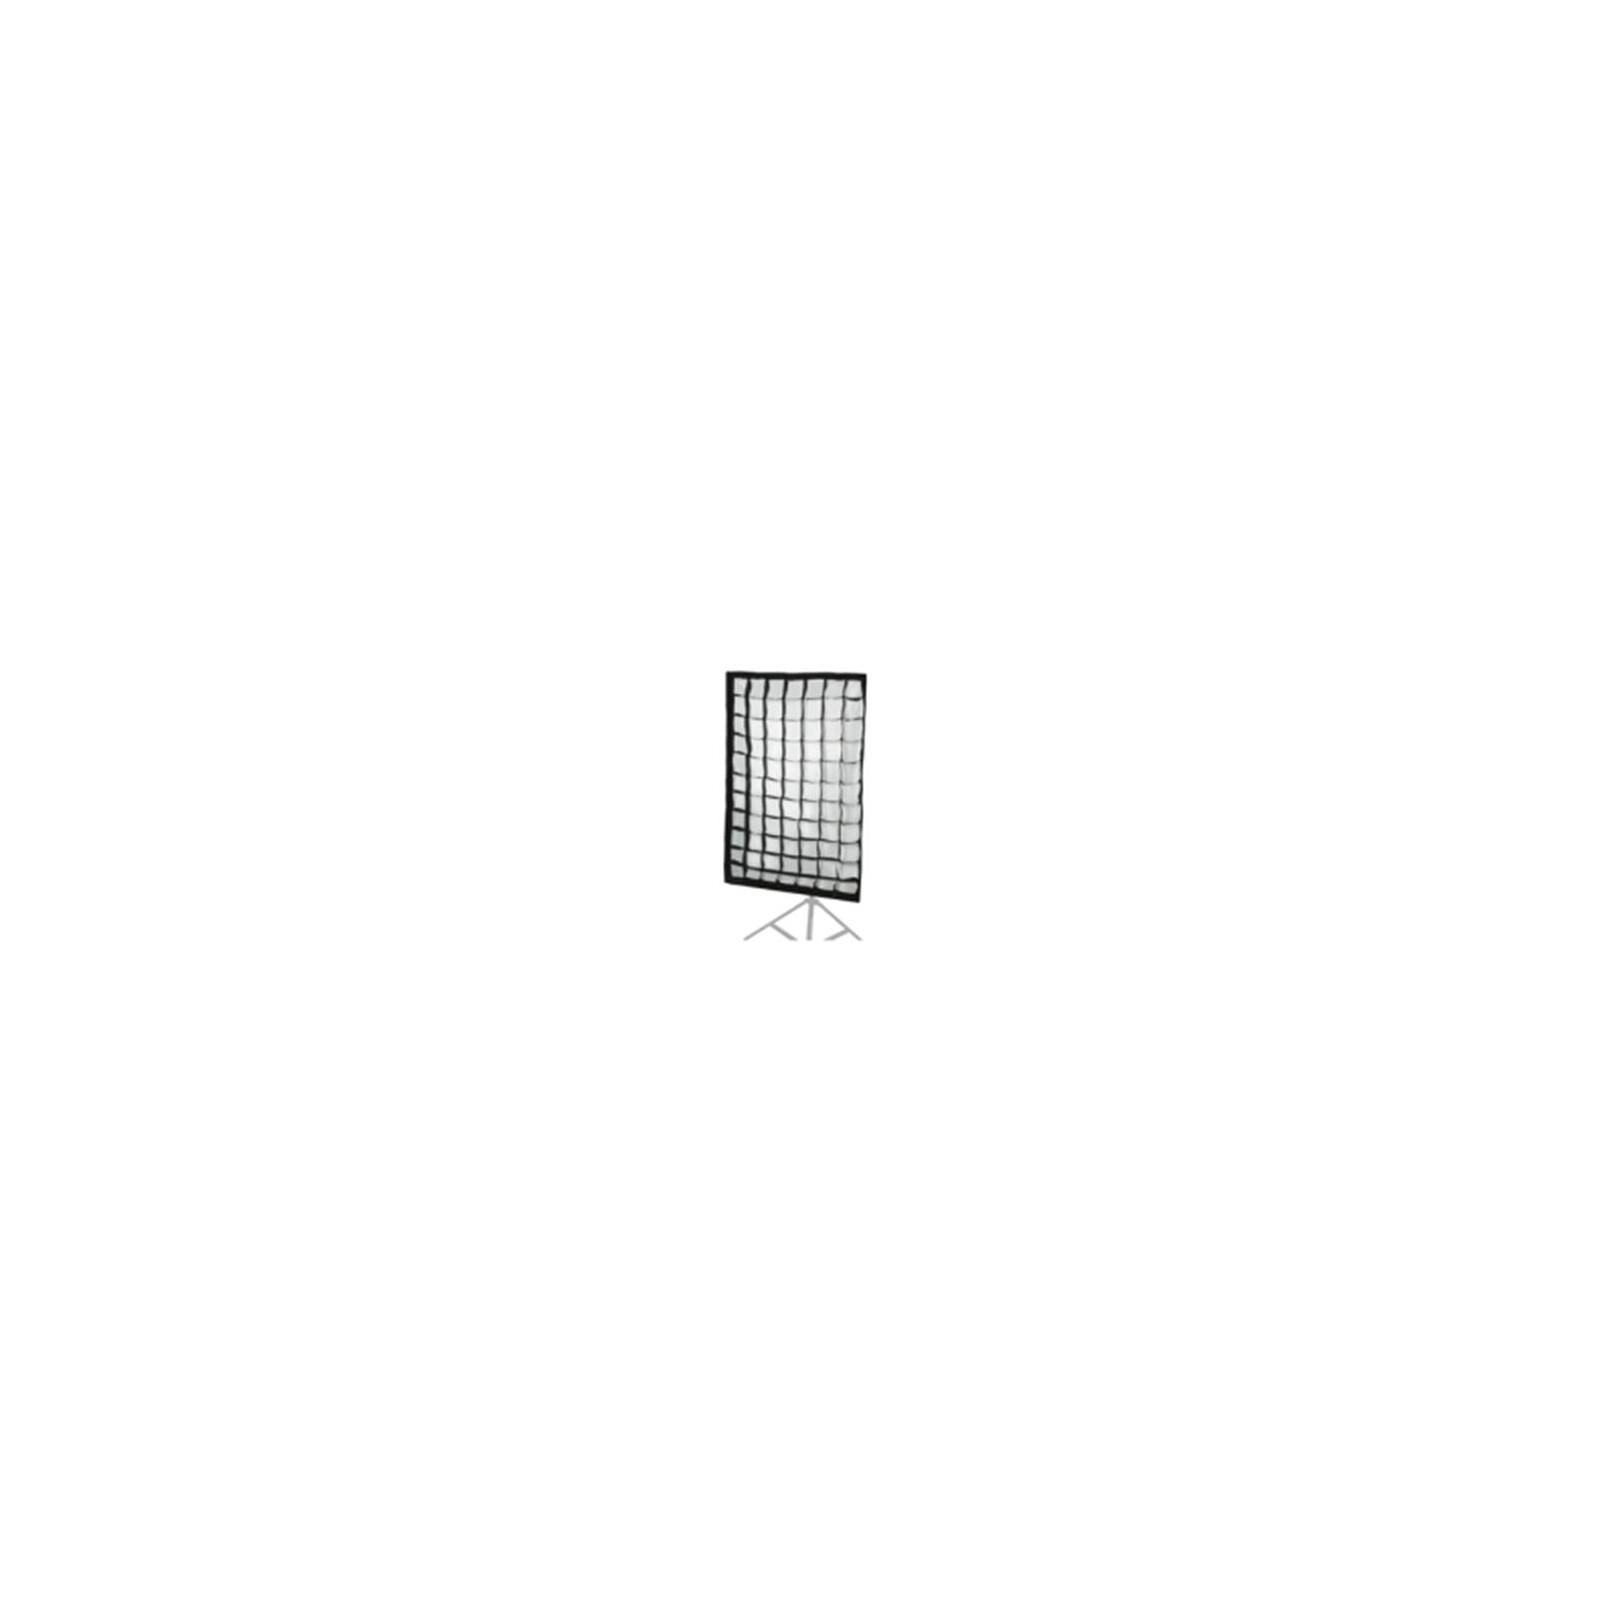 walimex pro Softbox PLUS 80x120cm für Balcar